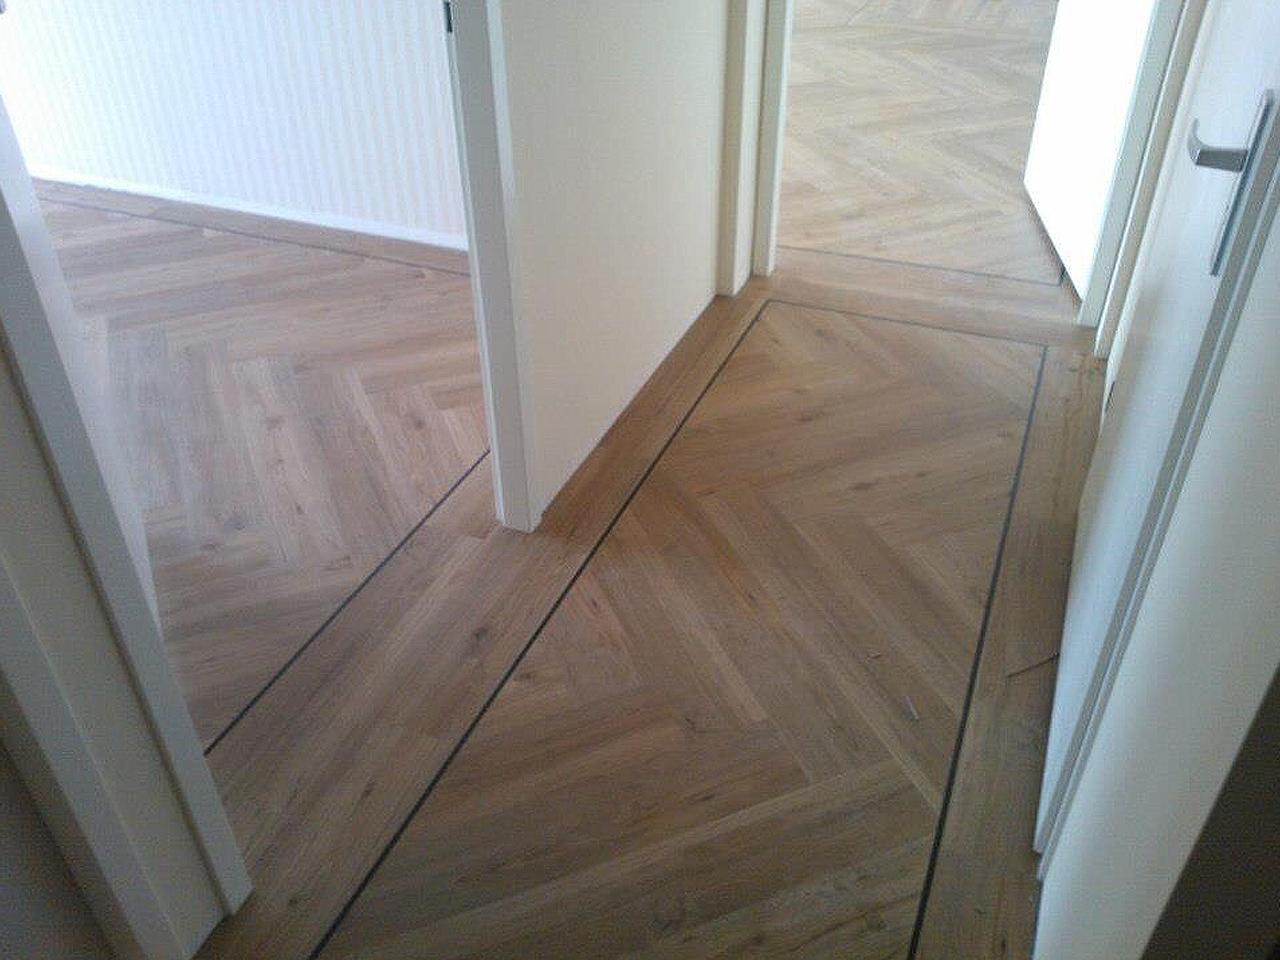 Pvc Vloeren Ervaringen : Pvc vloeren ervaringen cool opzoek naar een prachtige vloer with